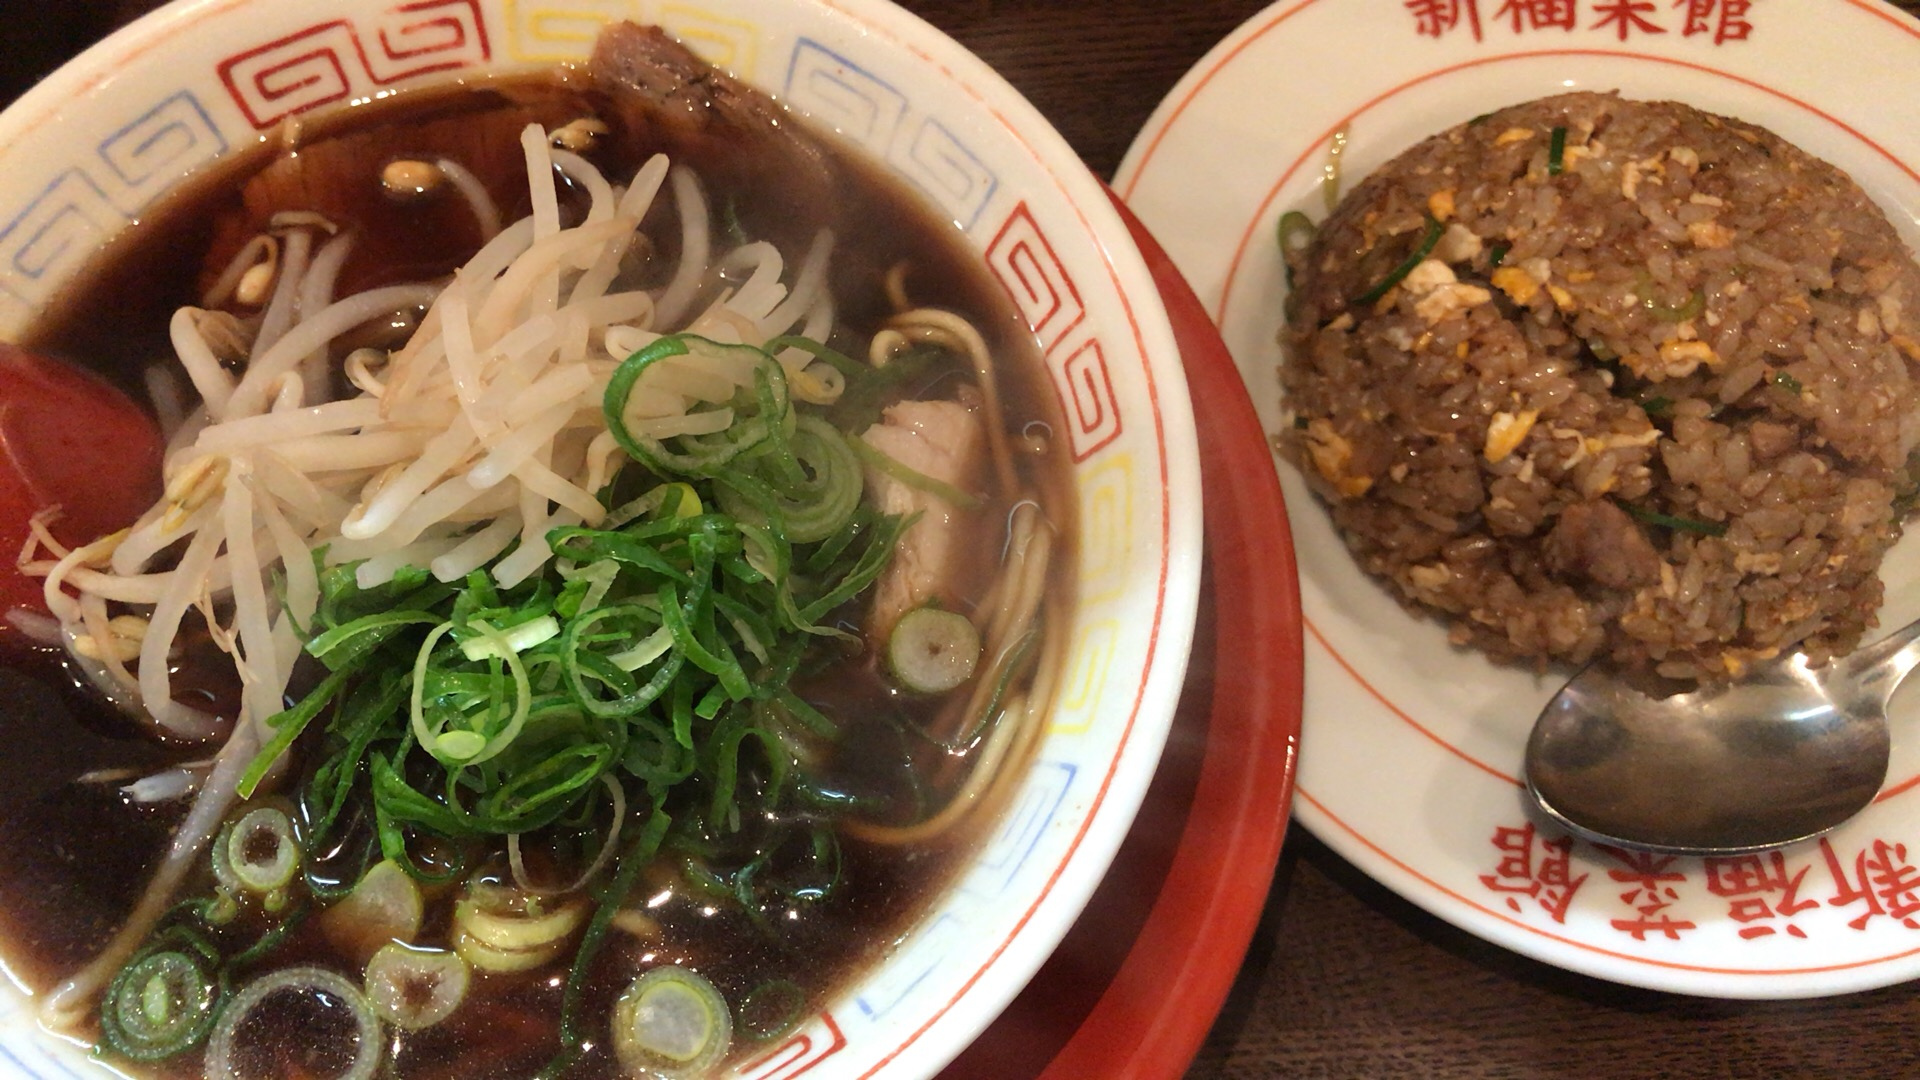 東京・麻布十番 新福菜館 麻布十番店